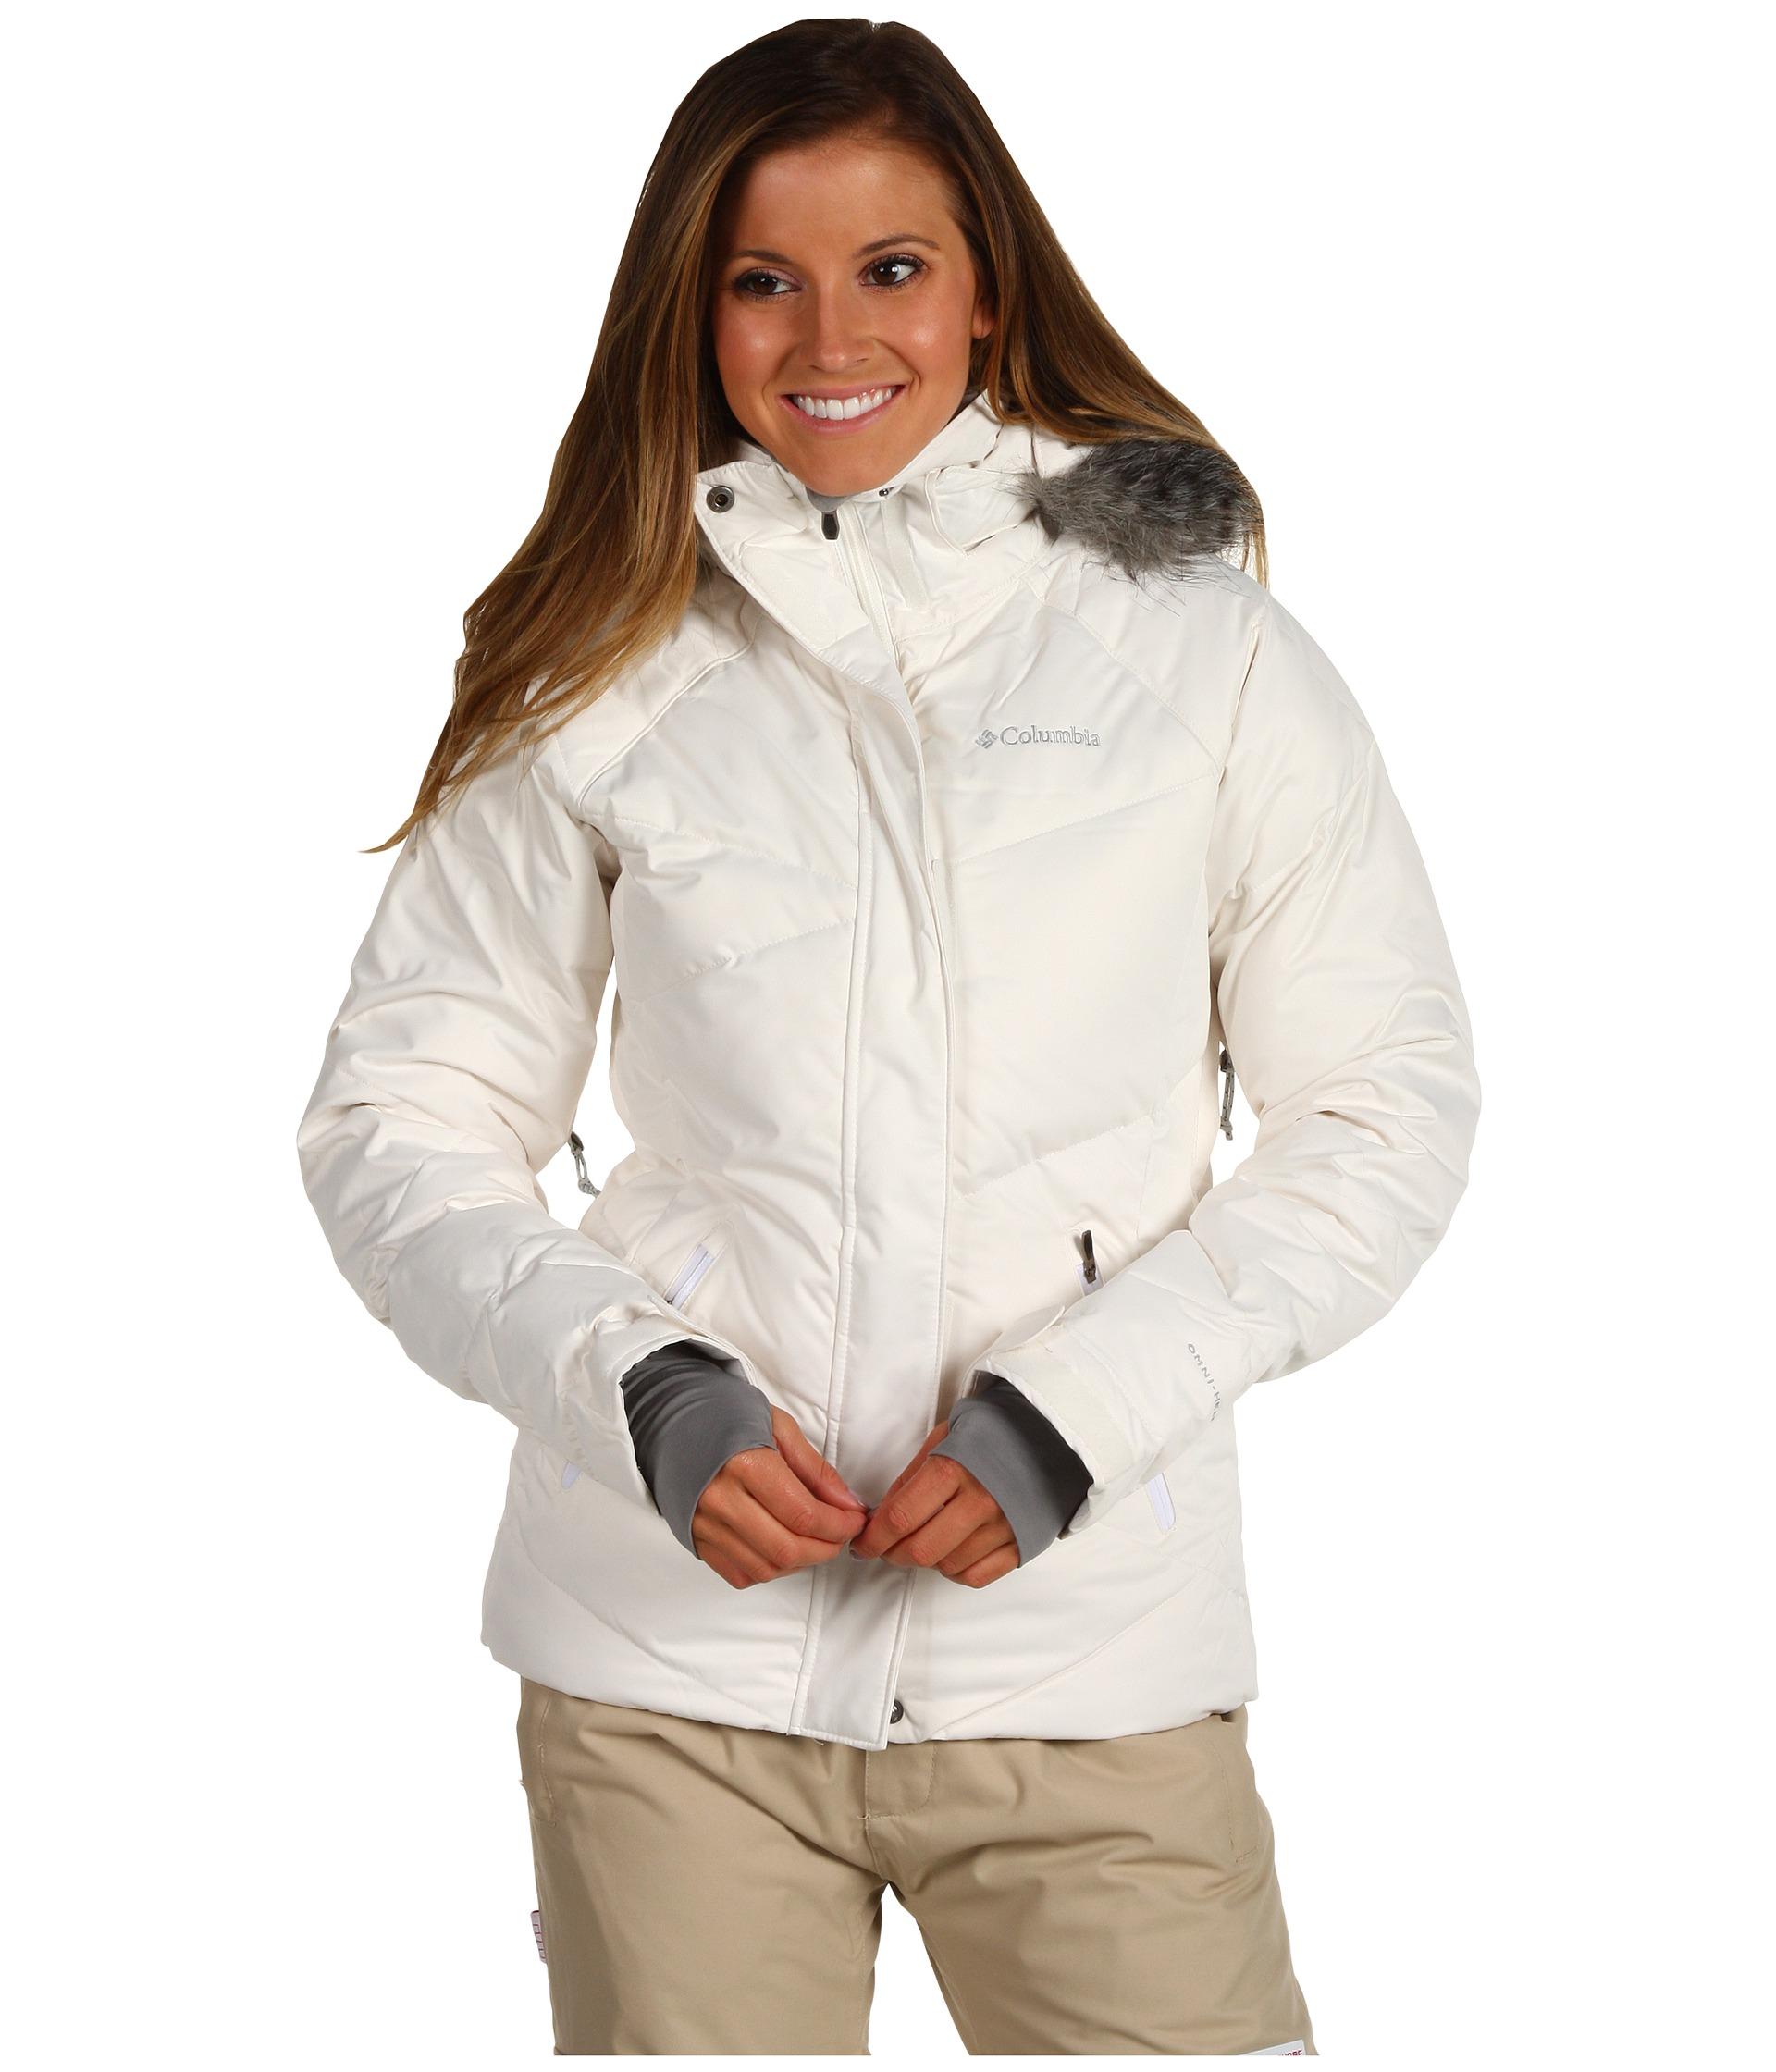 113 Куртки коламбия женские зимние